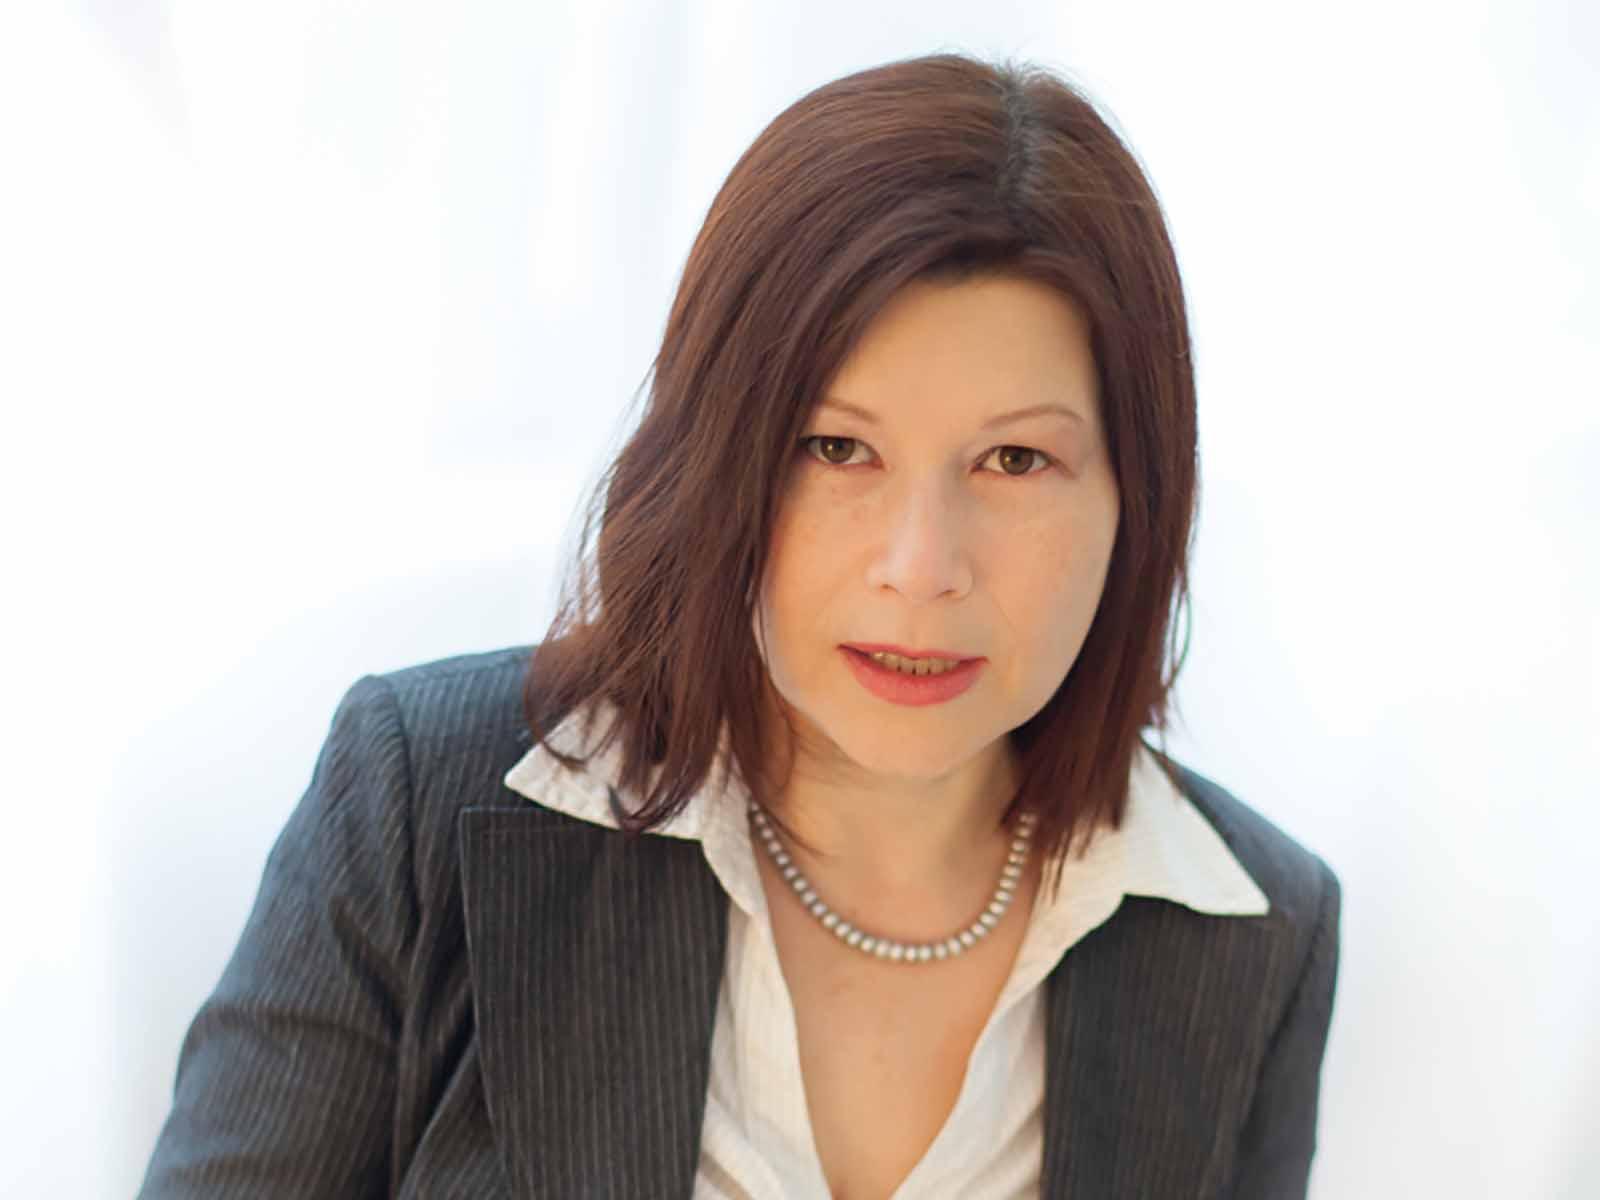 Юлия Федькина - бренд-архитектор, маркетолог-практик, предприниматель, независимый эксперт по развитию бизнеса